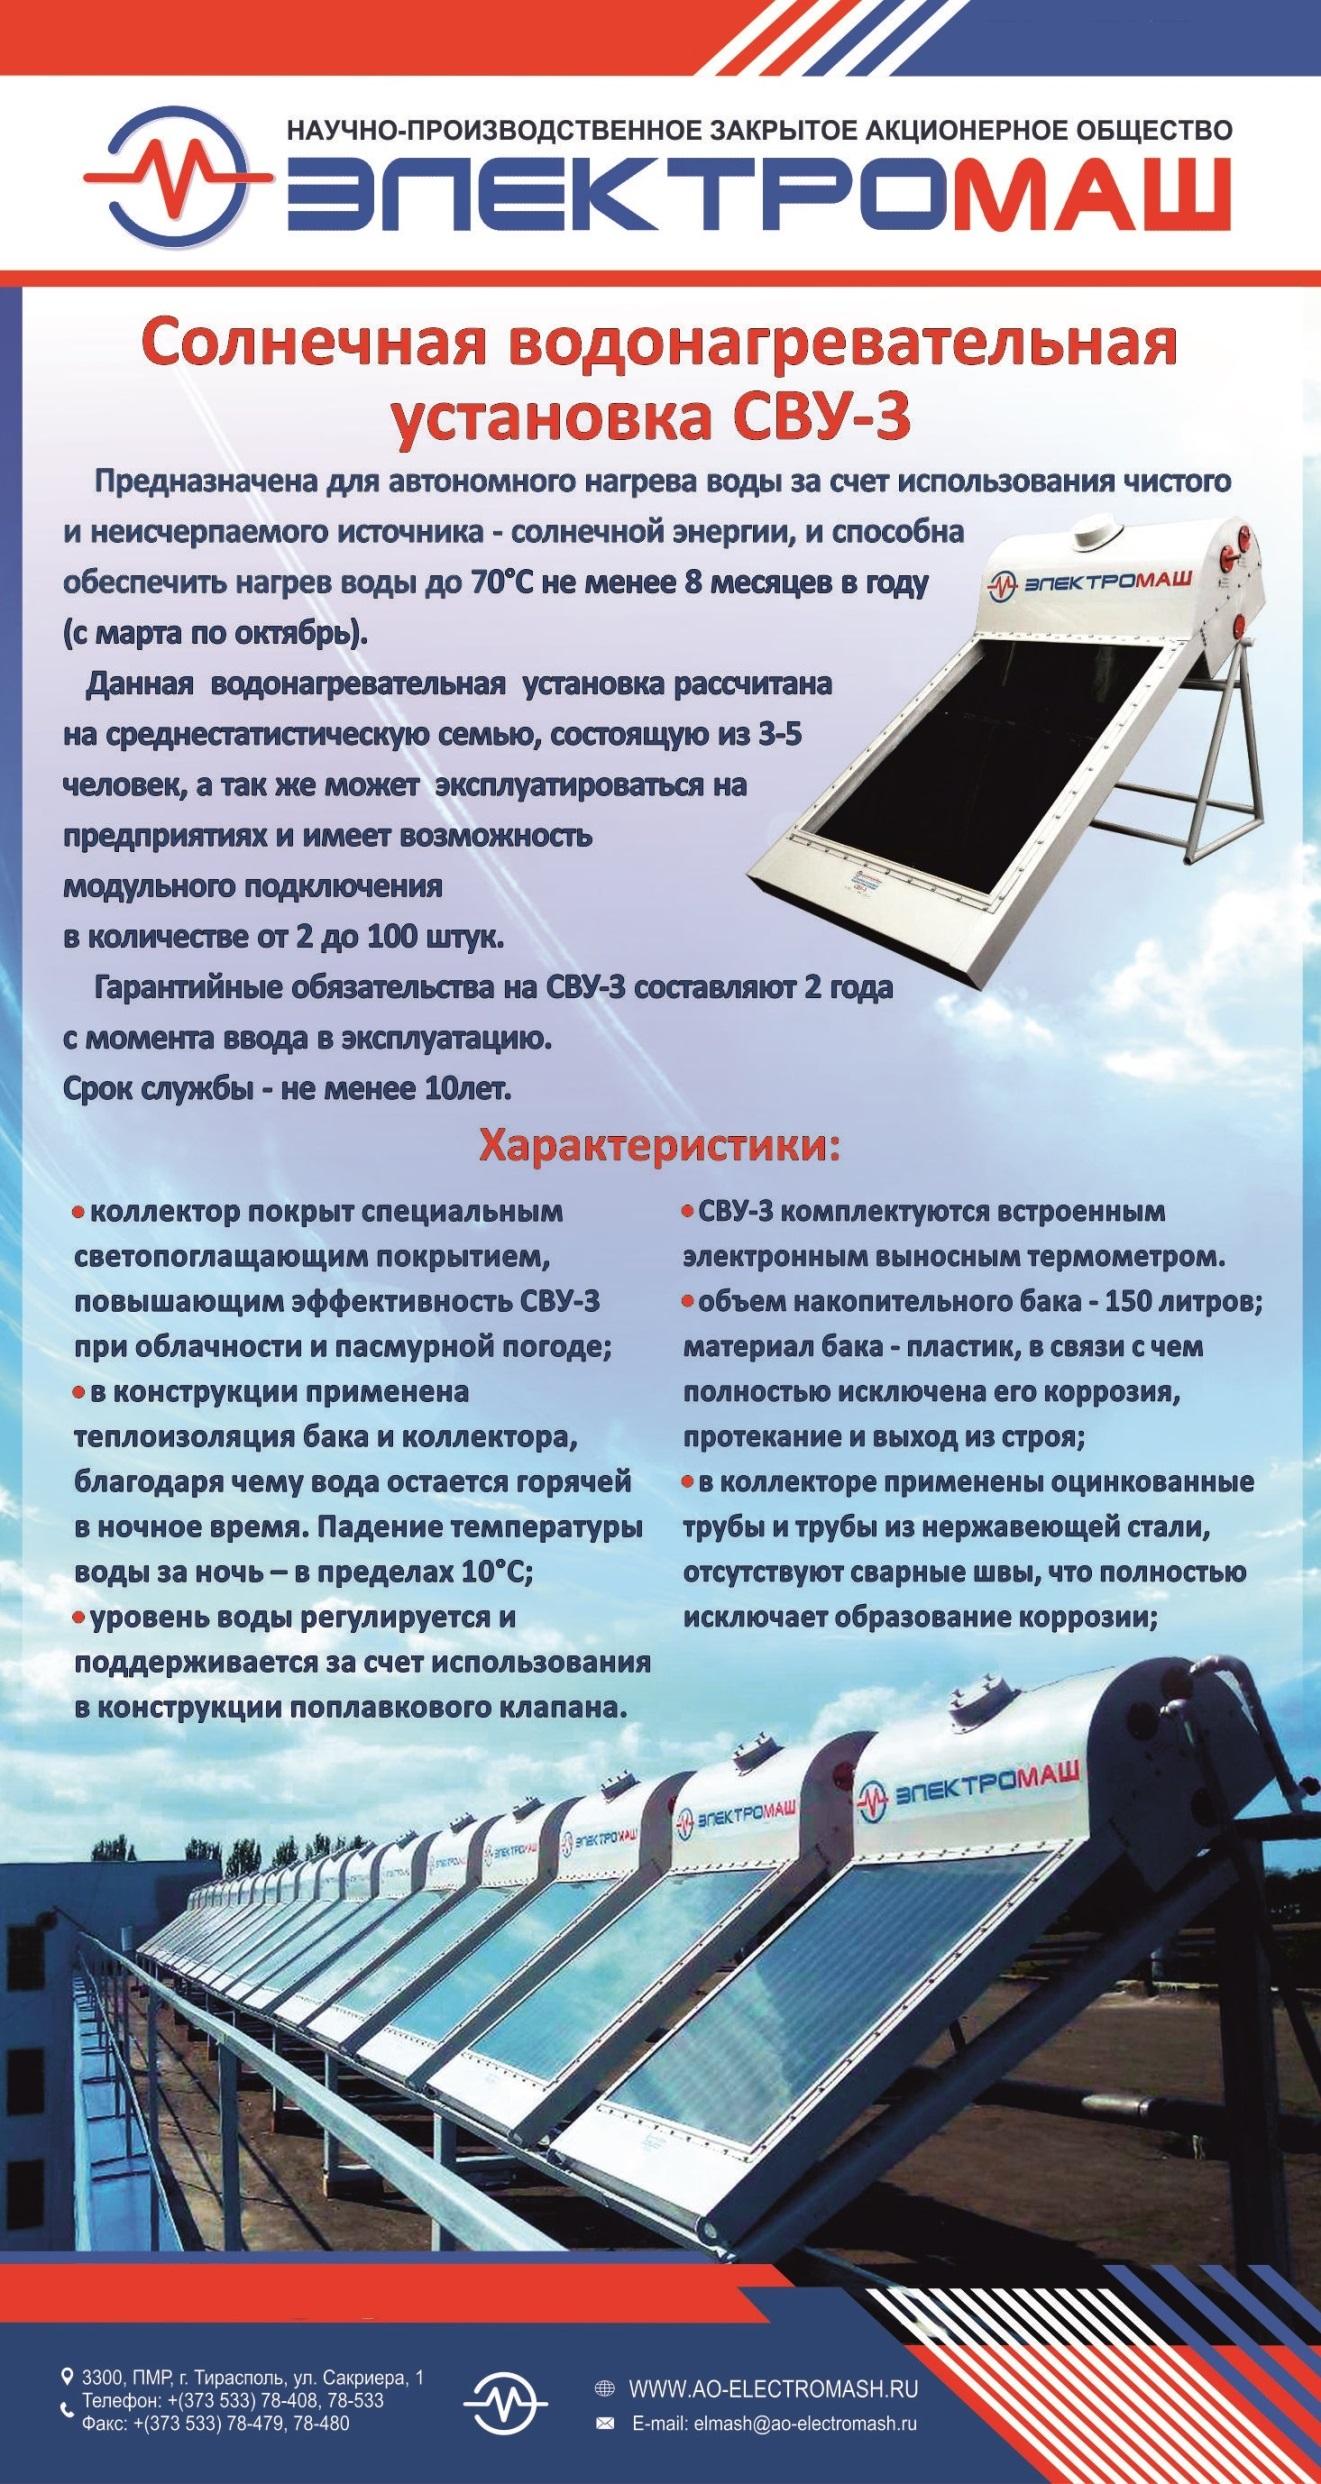 Солнечная водонагревательная установка СВУ-3, пластиковый накопительный бак 150 литров, нержавеющие трубы, теплоизоляция бака, нагрев до 50-70 С